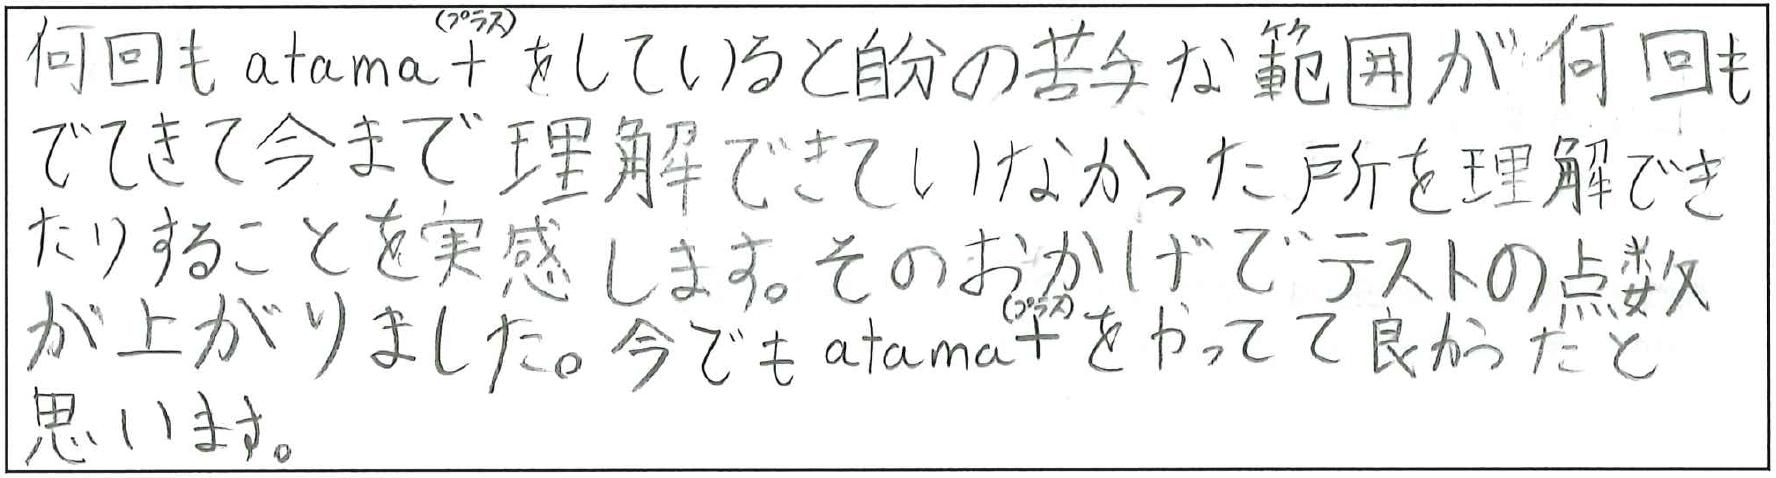 生徒の生の声(手書き)